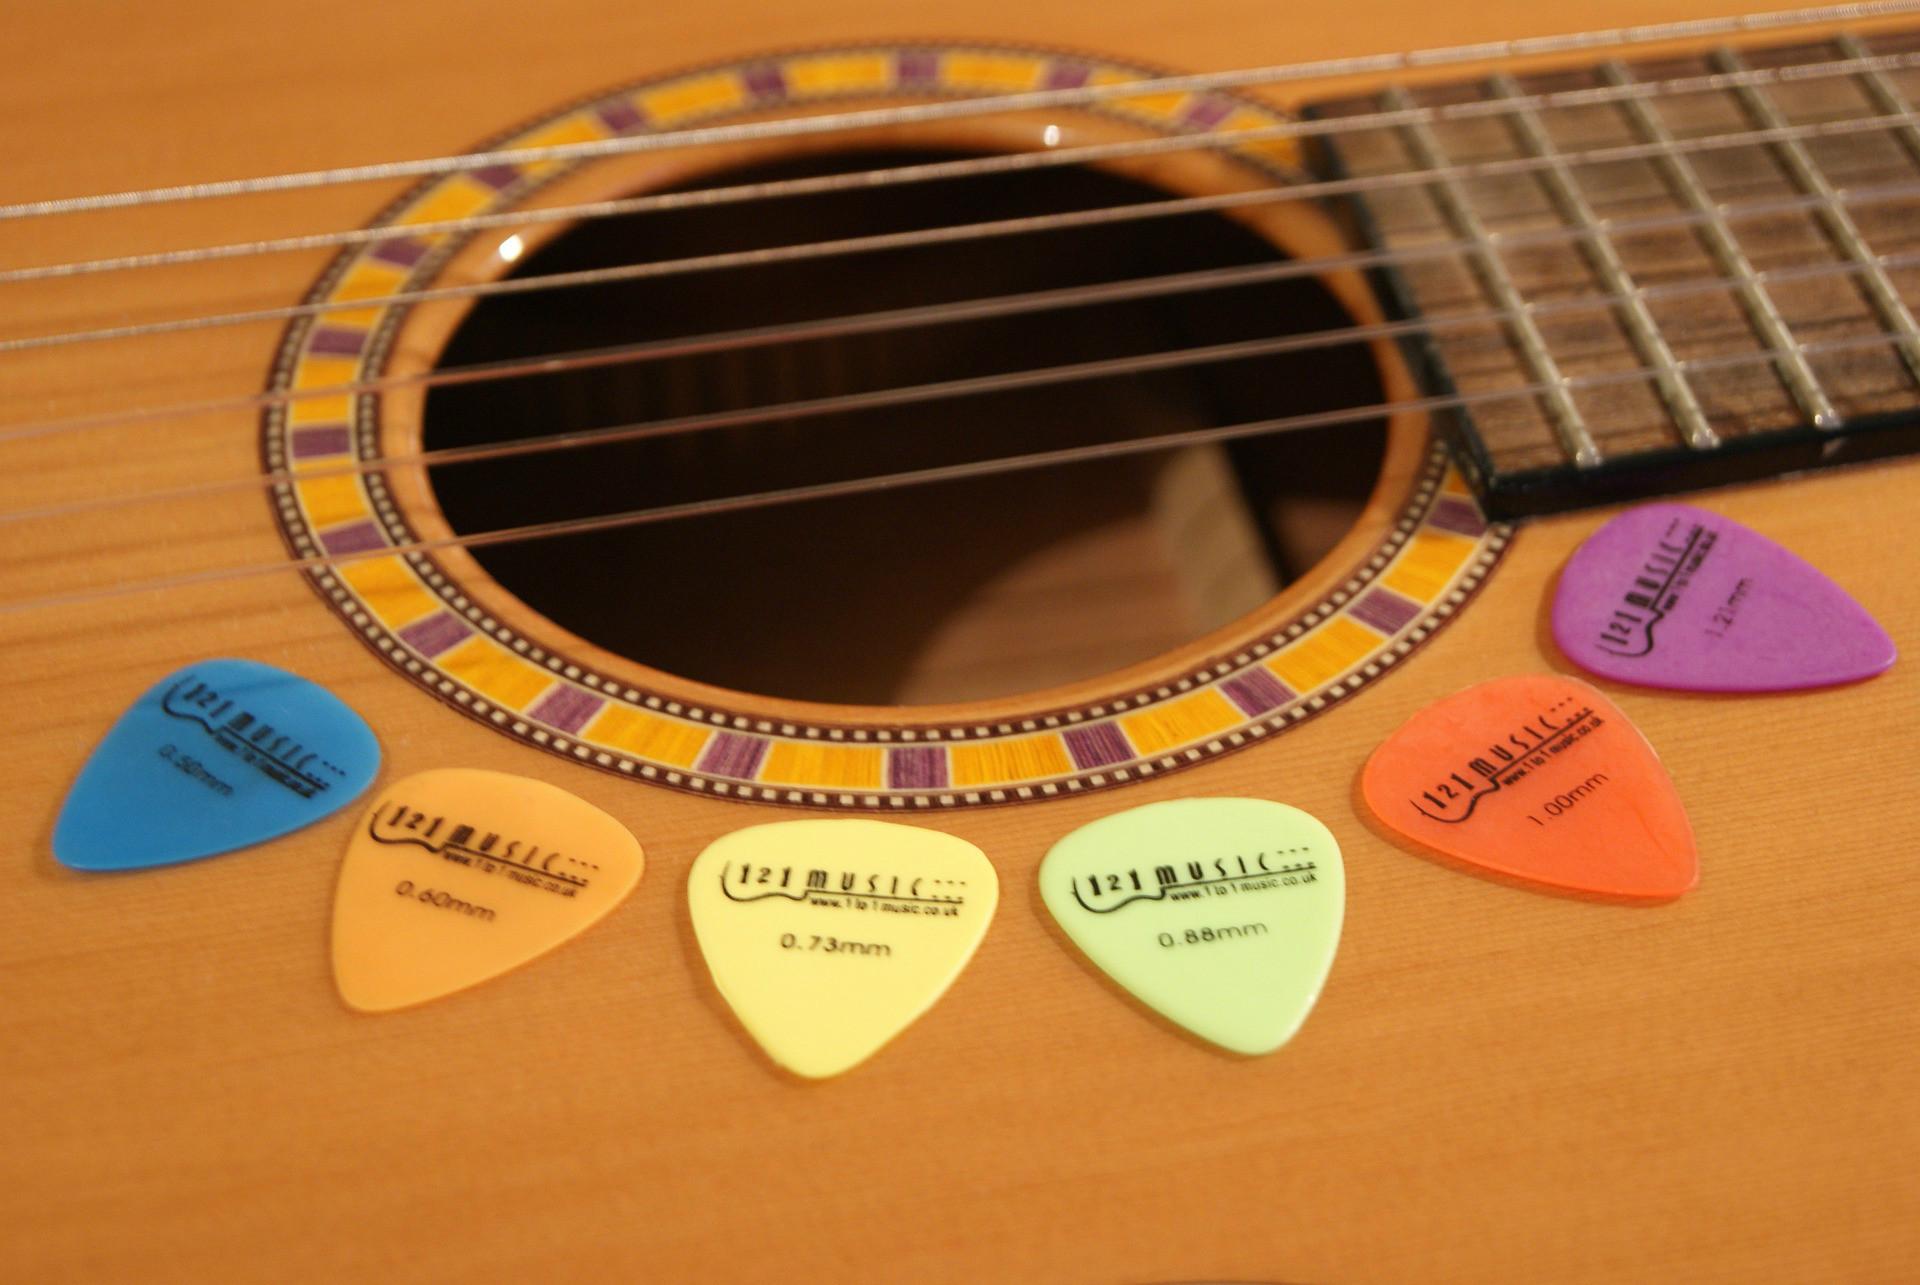 La guitarra clásica y las púas